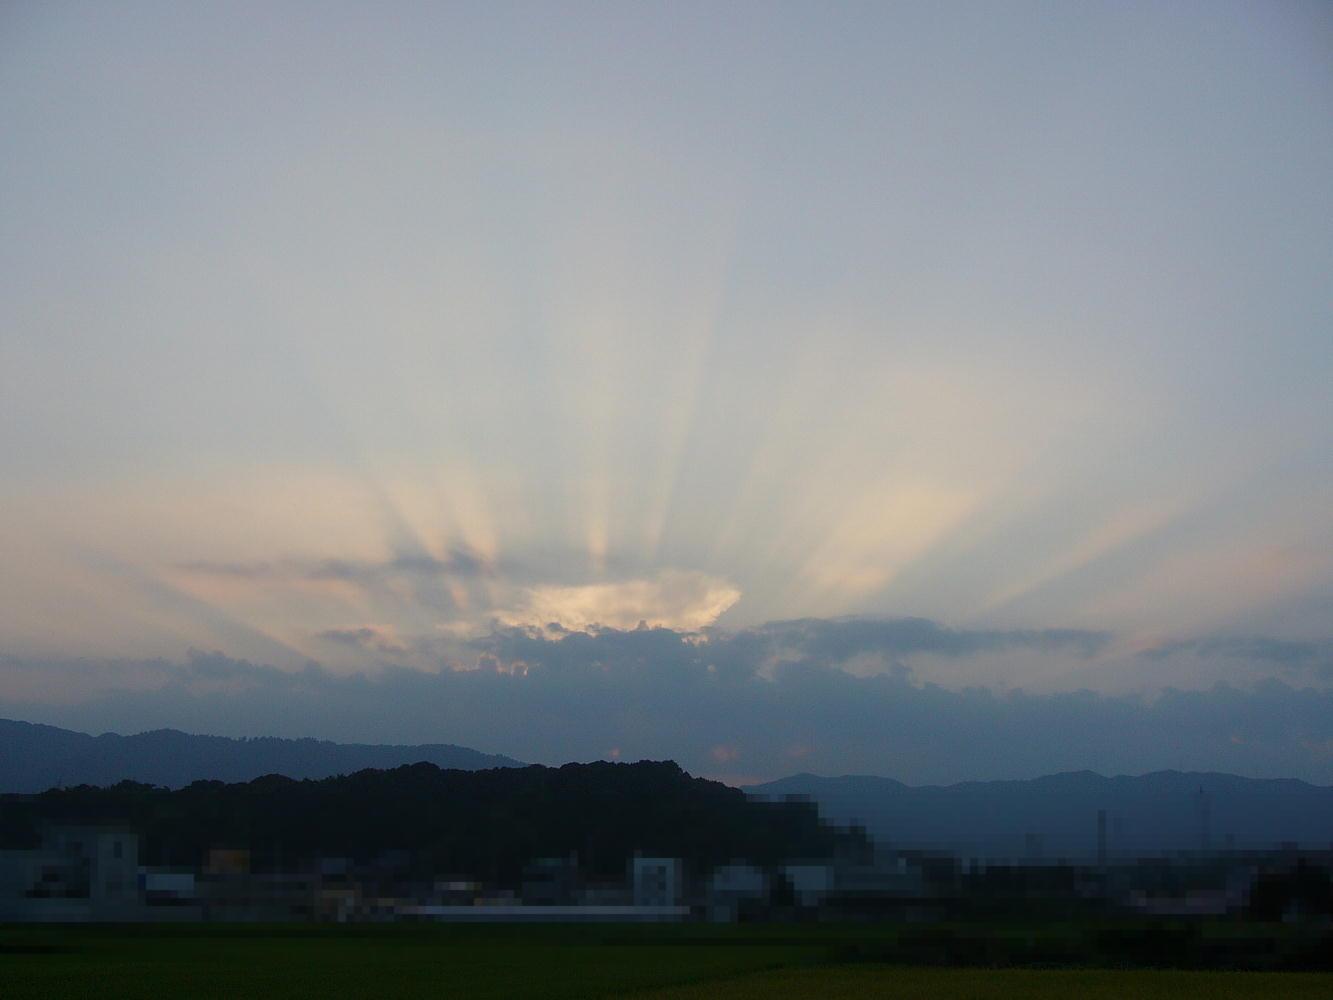 その日の夕方の風景